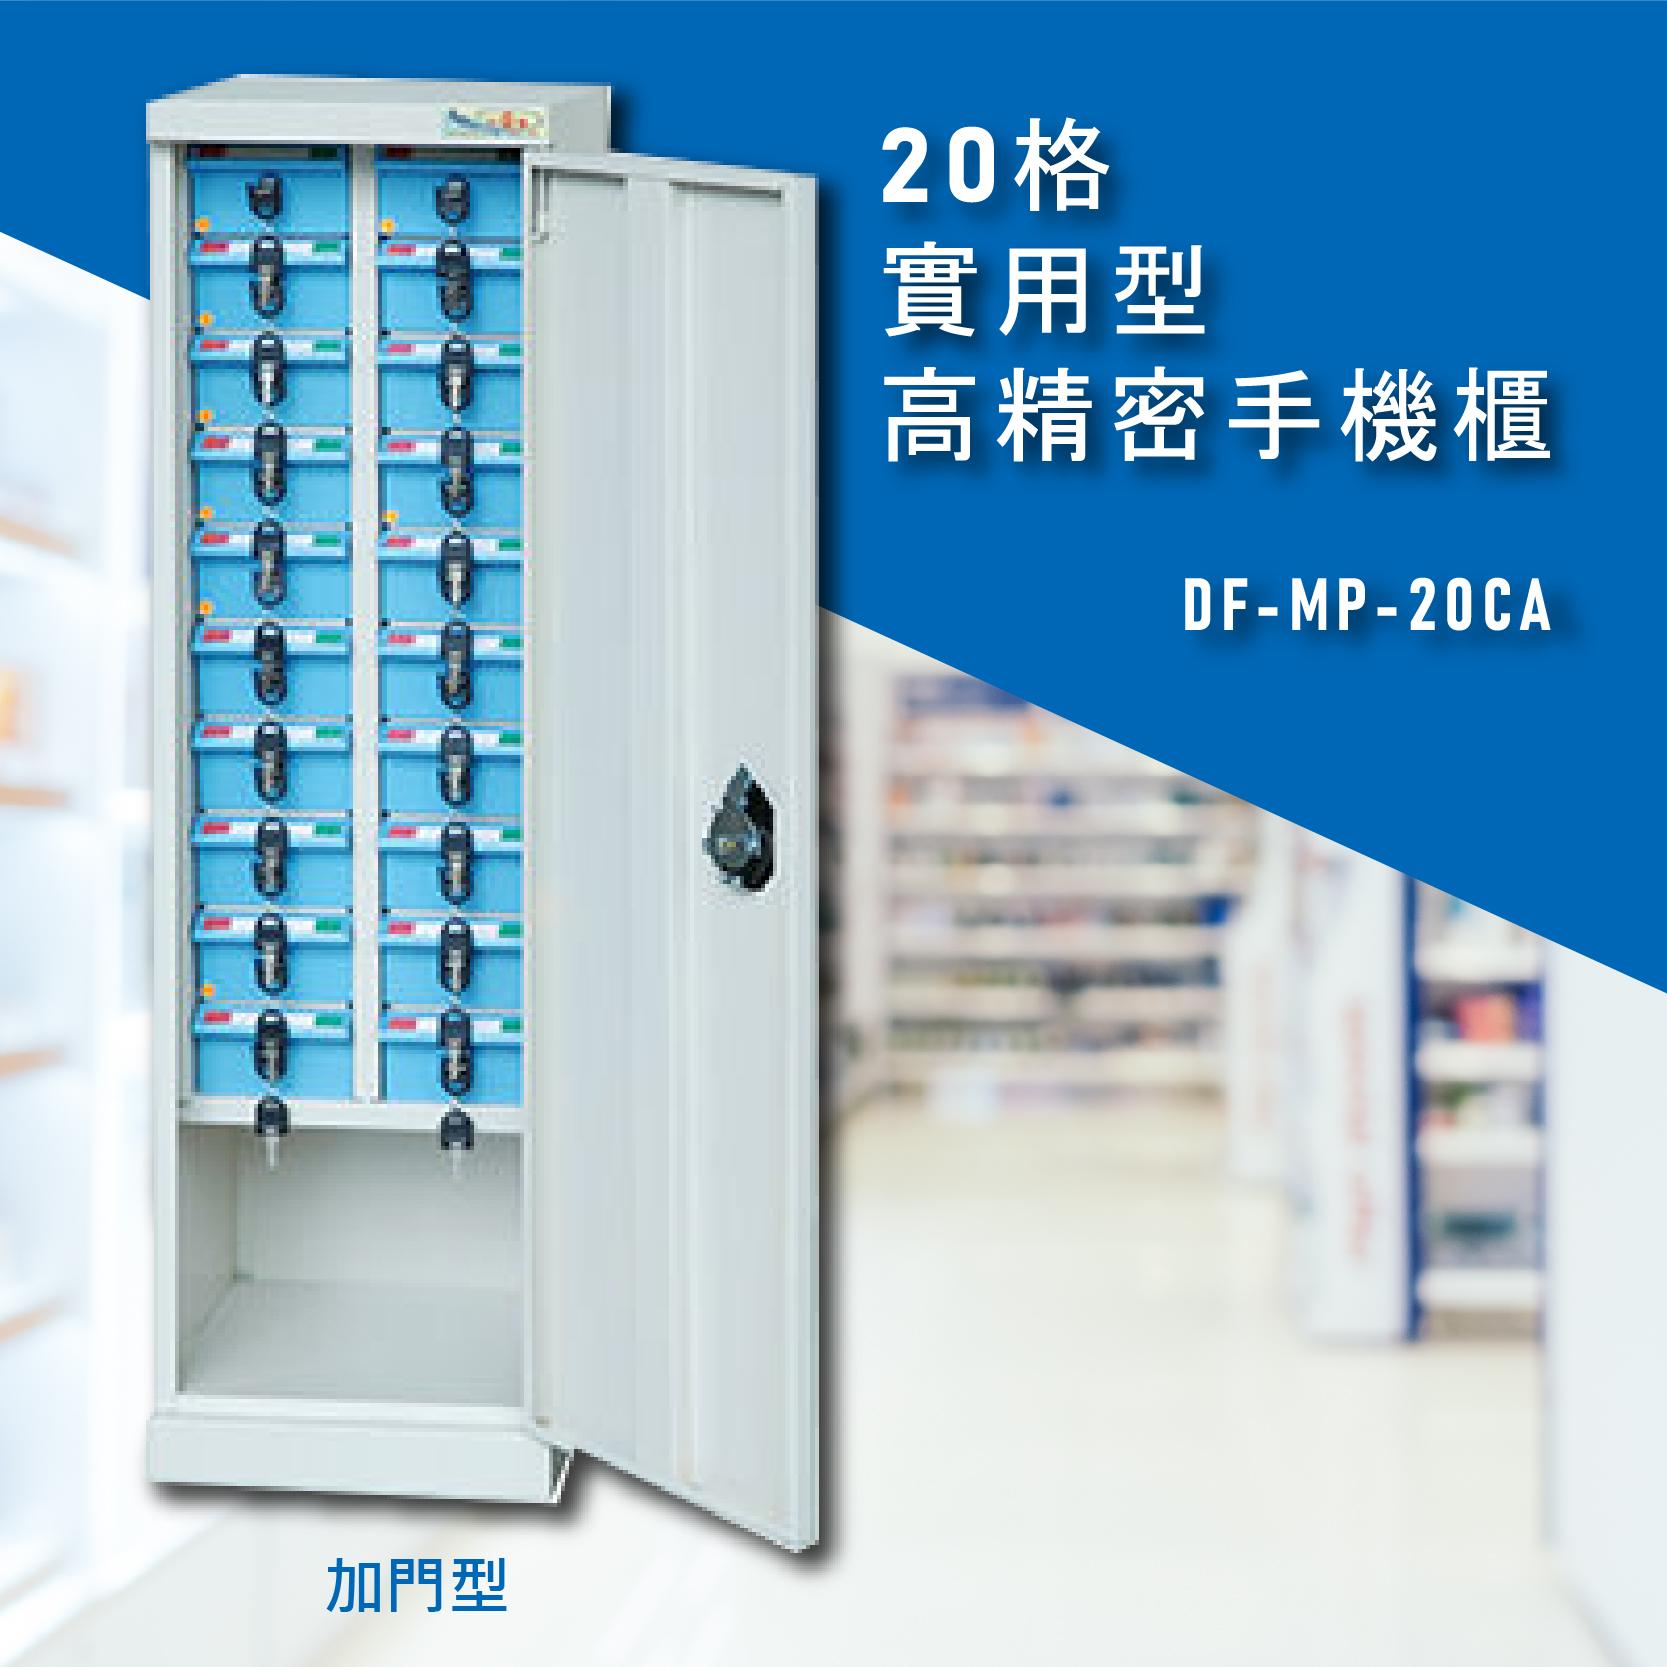 【台灣製造】大富 實用型高精密零件櫃 DF-MP-20CA(加門型) 收納櫃 置物櫃 公文櫃 專利設計 收納櫃 手機櫃